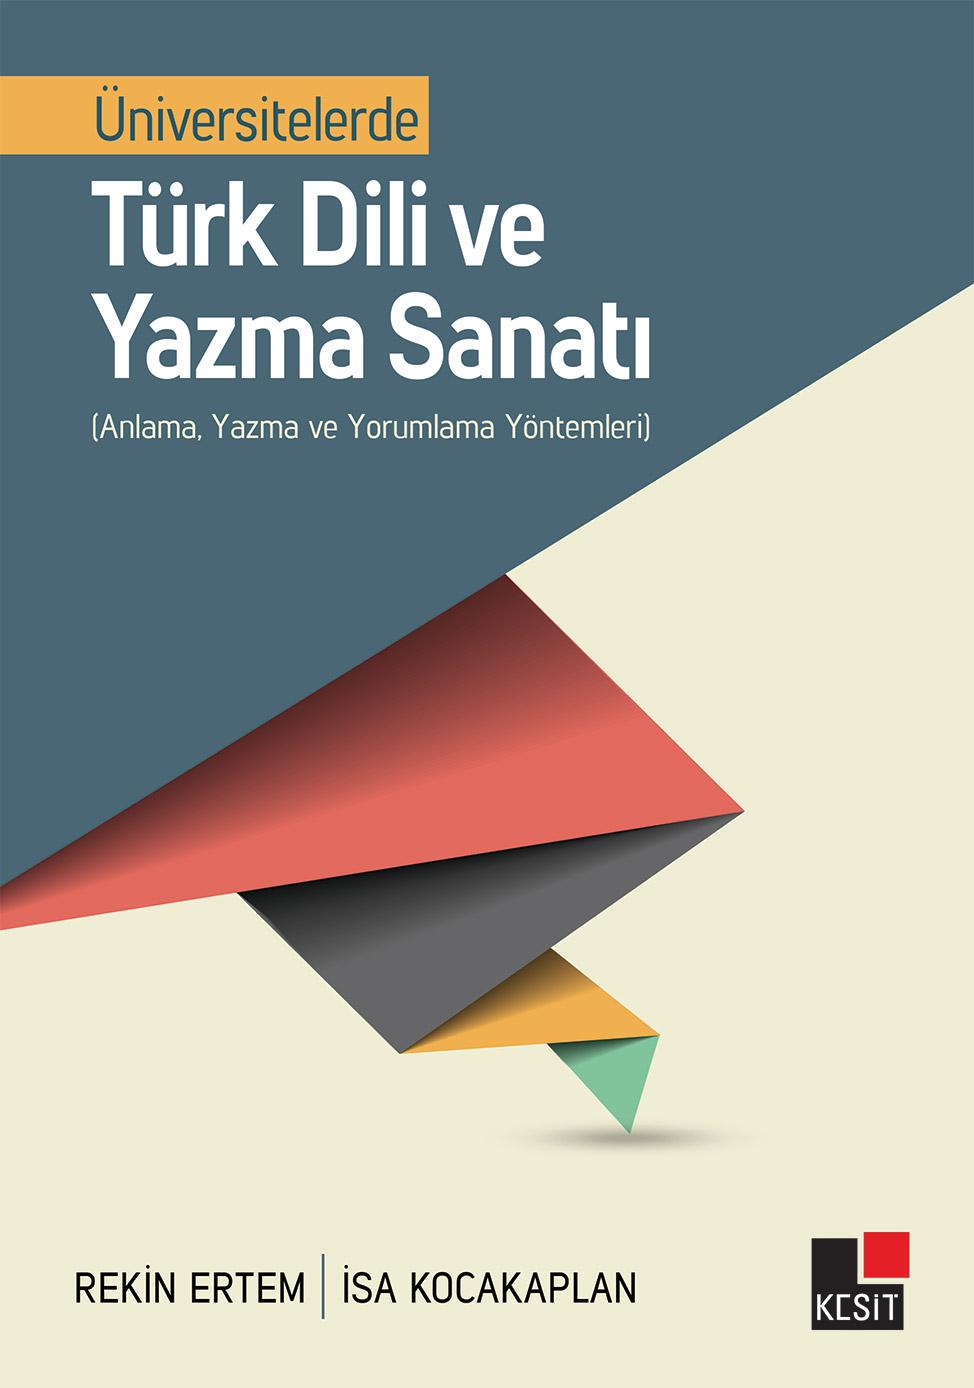 Üniversitelerde Türk Dili ve Yazma Sanatı (Anlama, Yazma ve Yorumlama Yöntemleri)